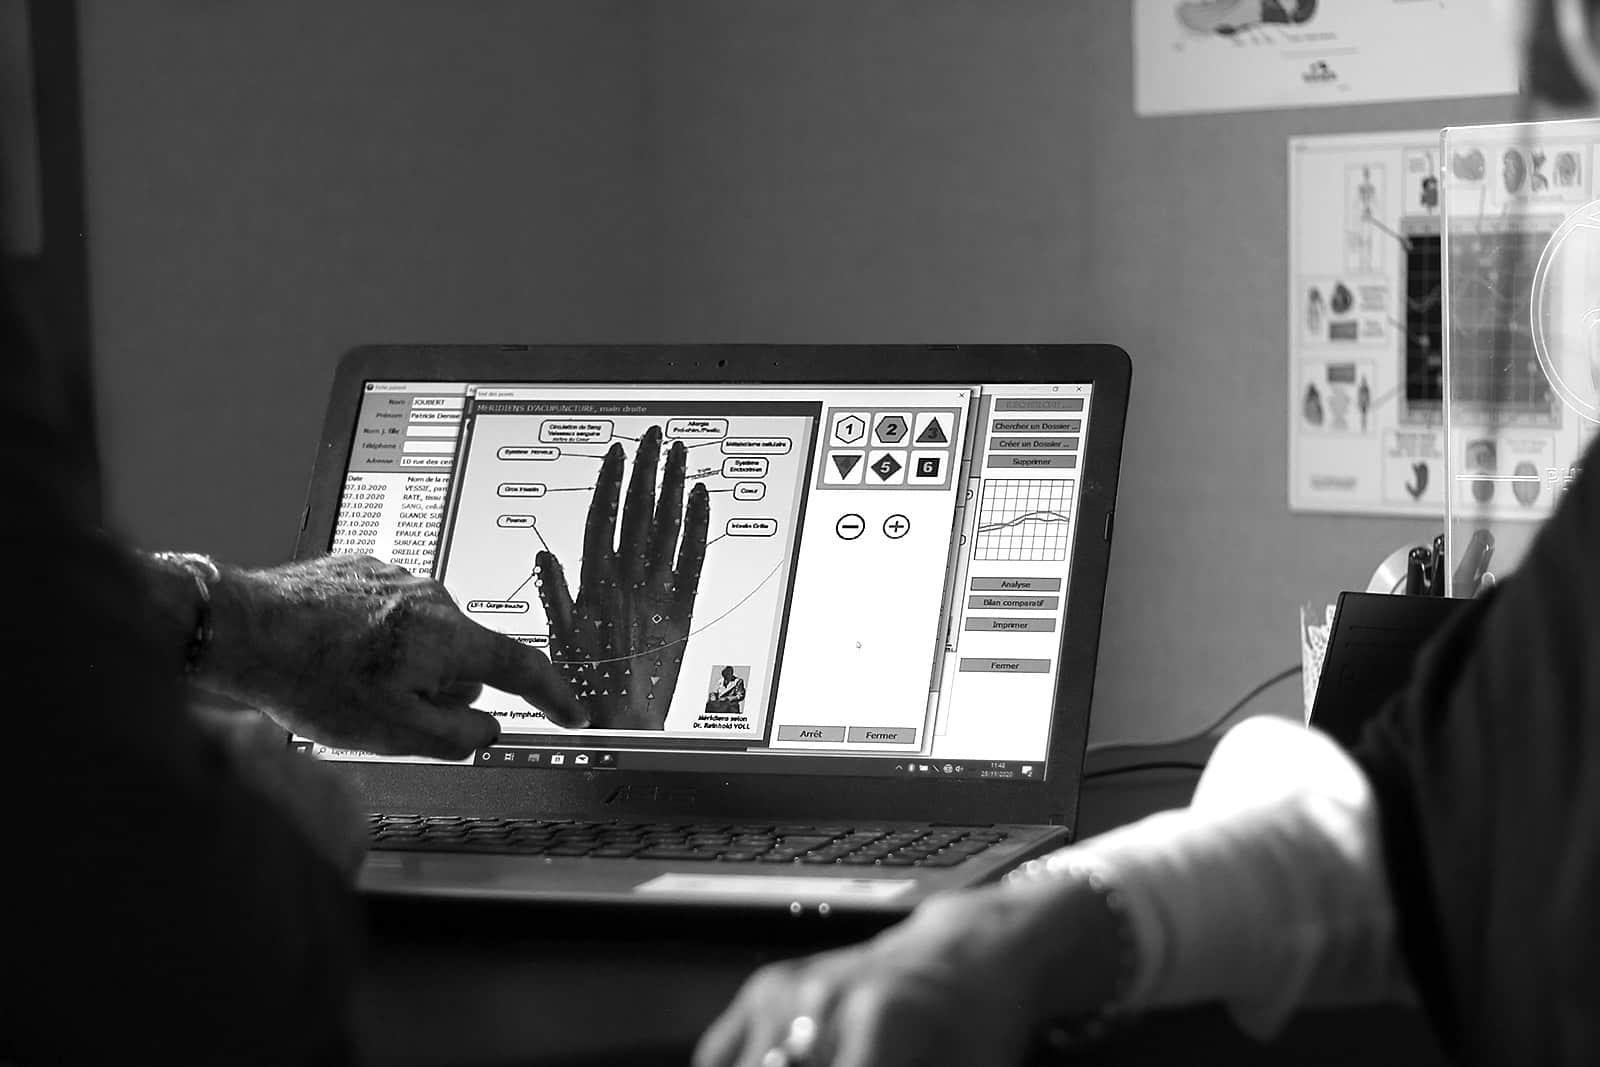 Didier Martin, du cabinet Tangan, donne une séance de Physioscan. Il montre des résultats sur l'ordinateur.